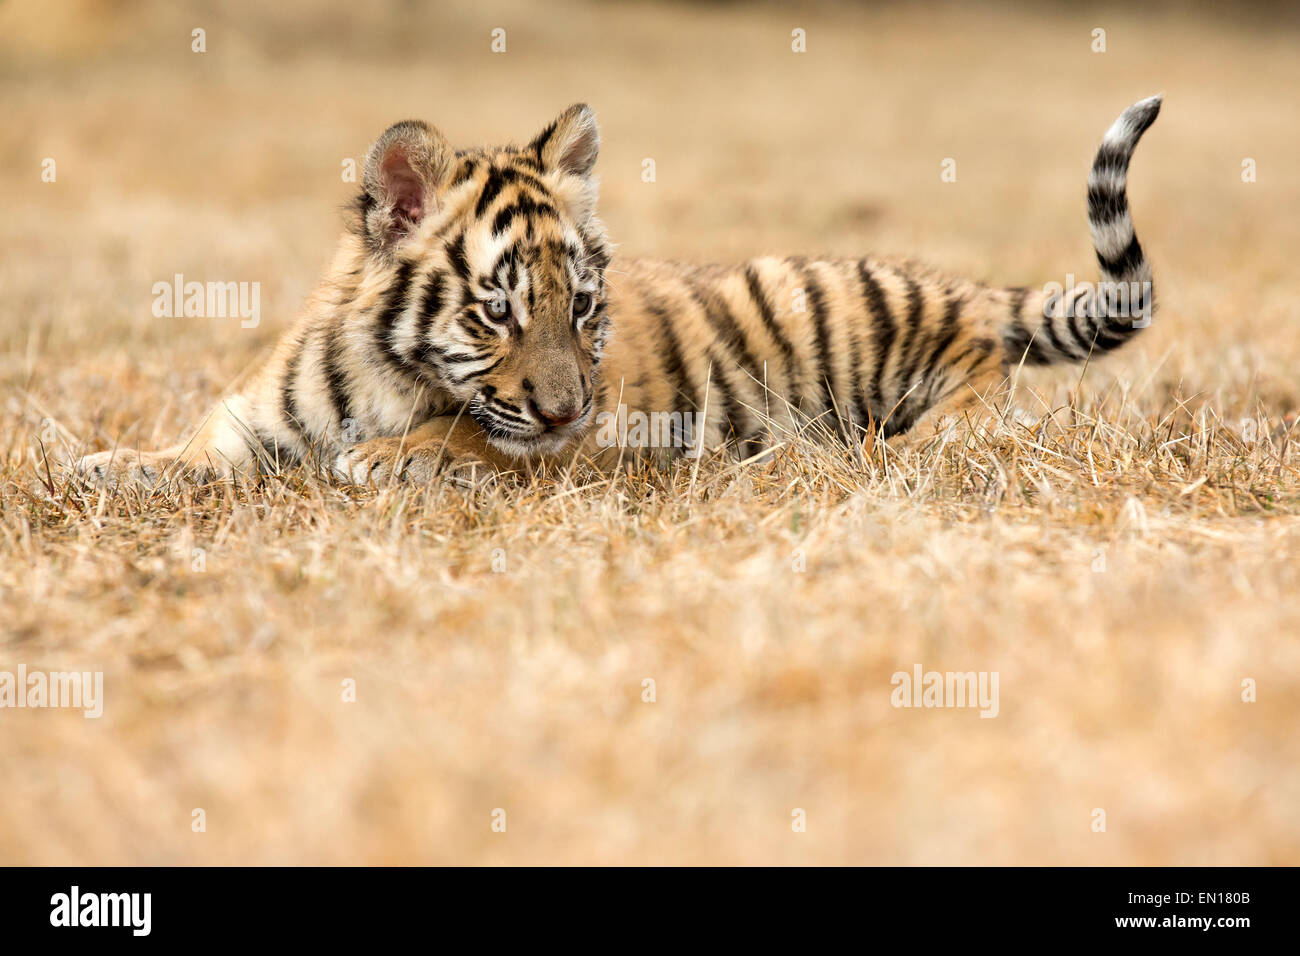 Tigre siberiano (Panthera tigris altaica) cub jugando en el césped Imagen De Stock